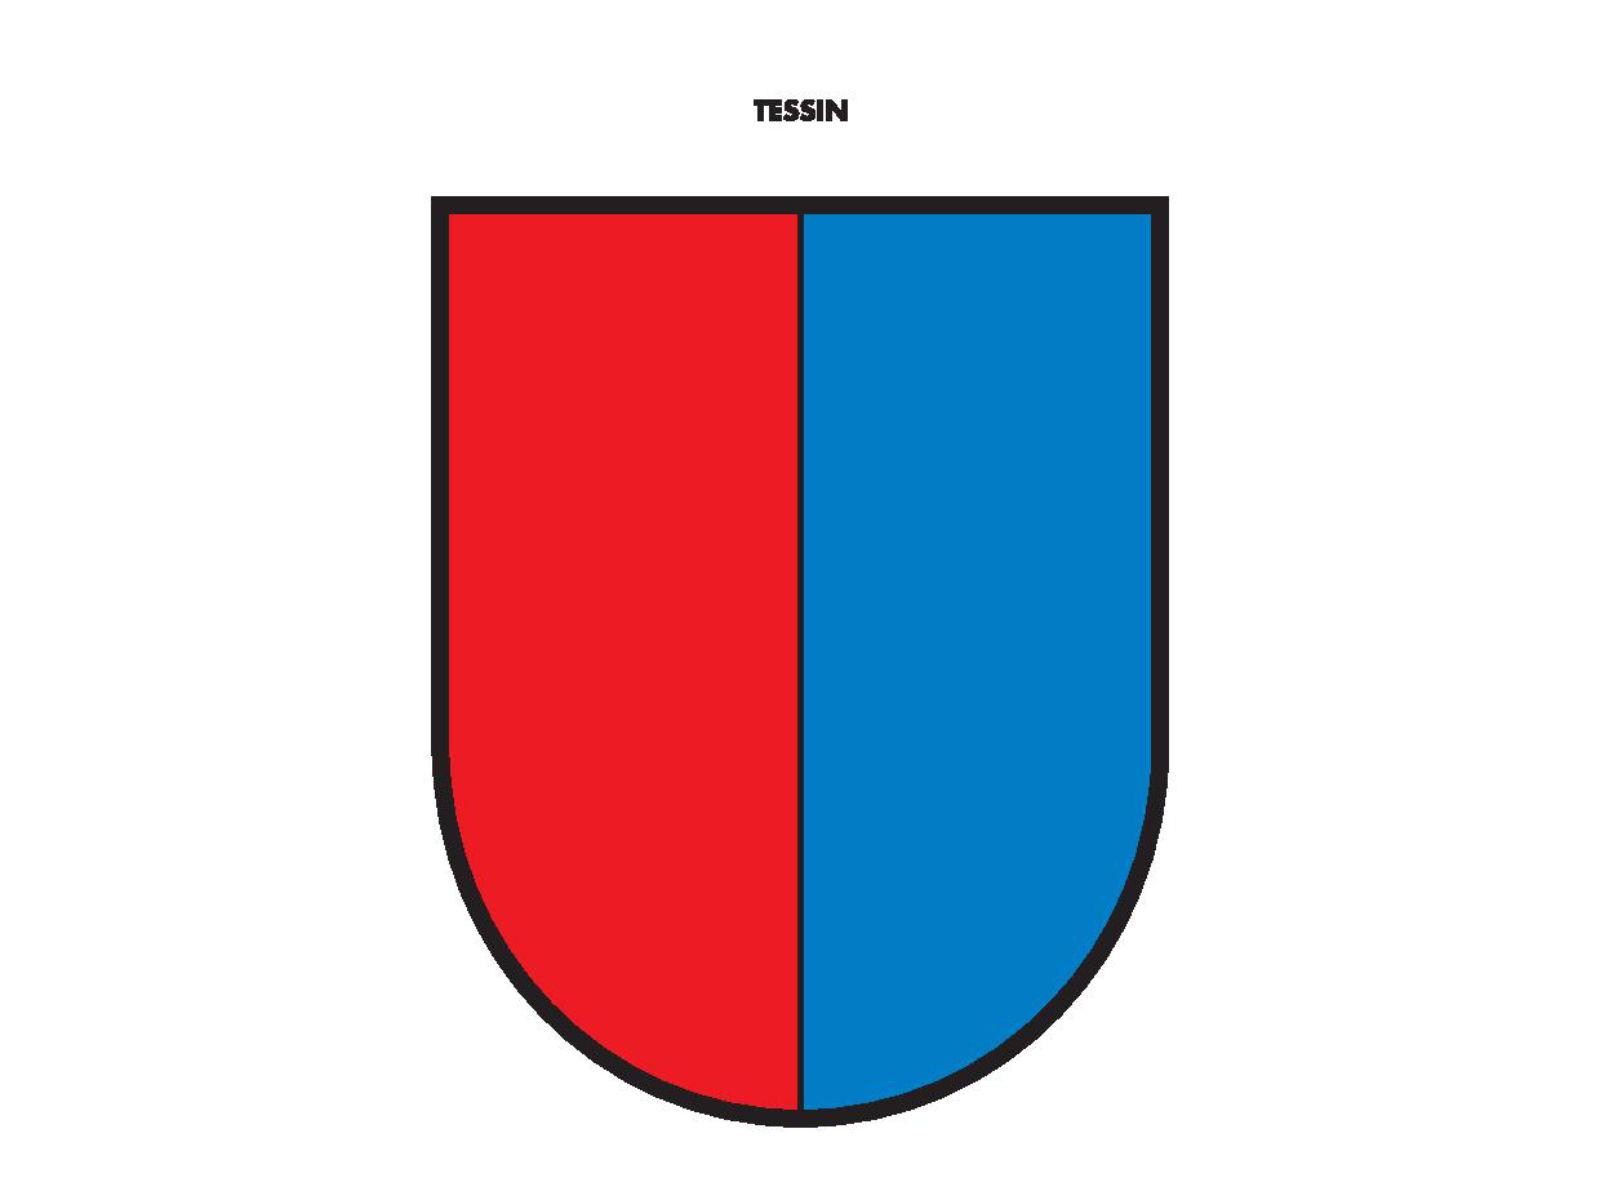 Schweizer Kantone – Tessin